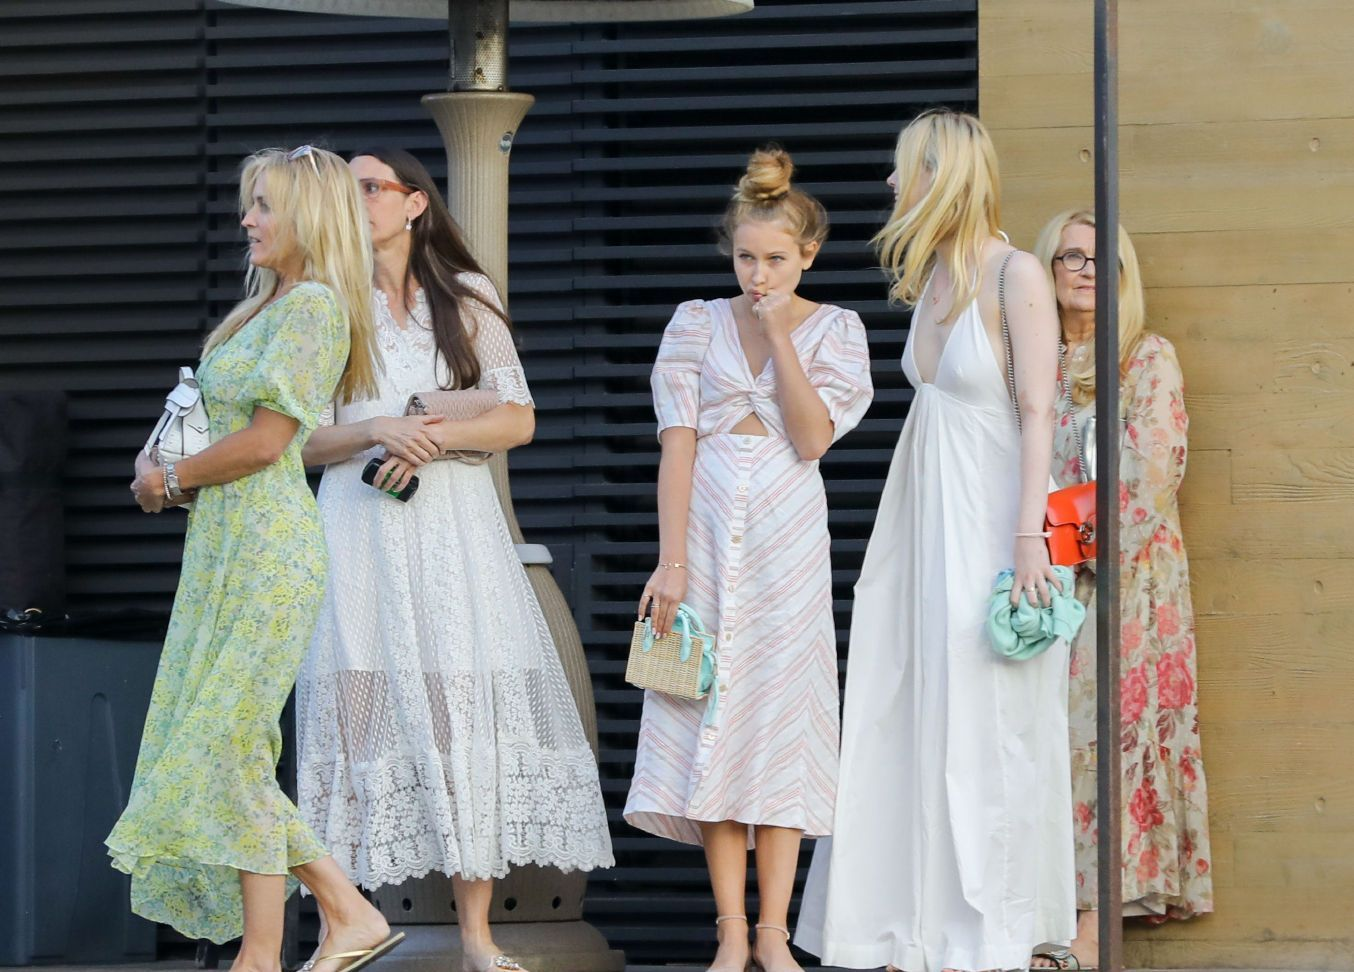 小仙女 Elle Fanning(艾拉.范宁)和家人们在洛杉矶马里布出街